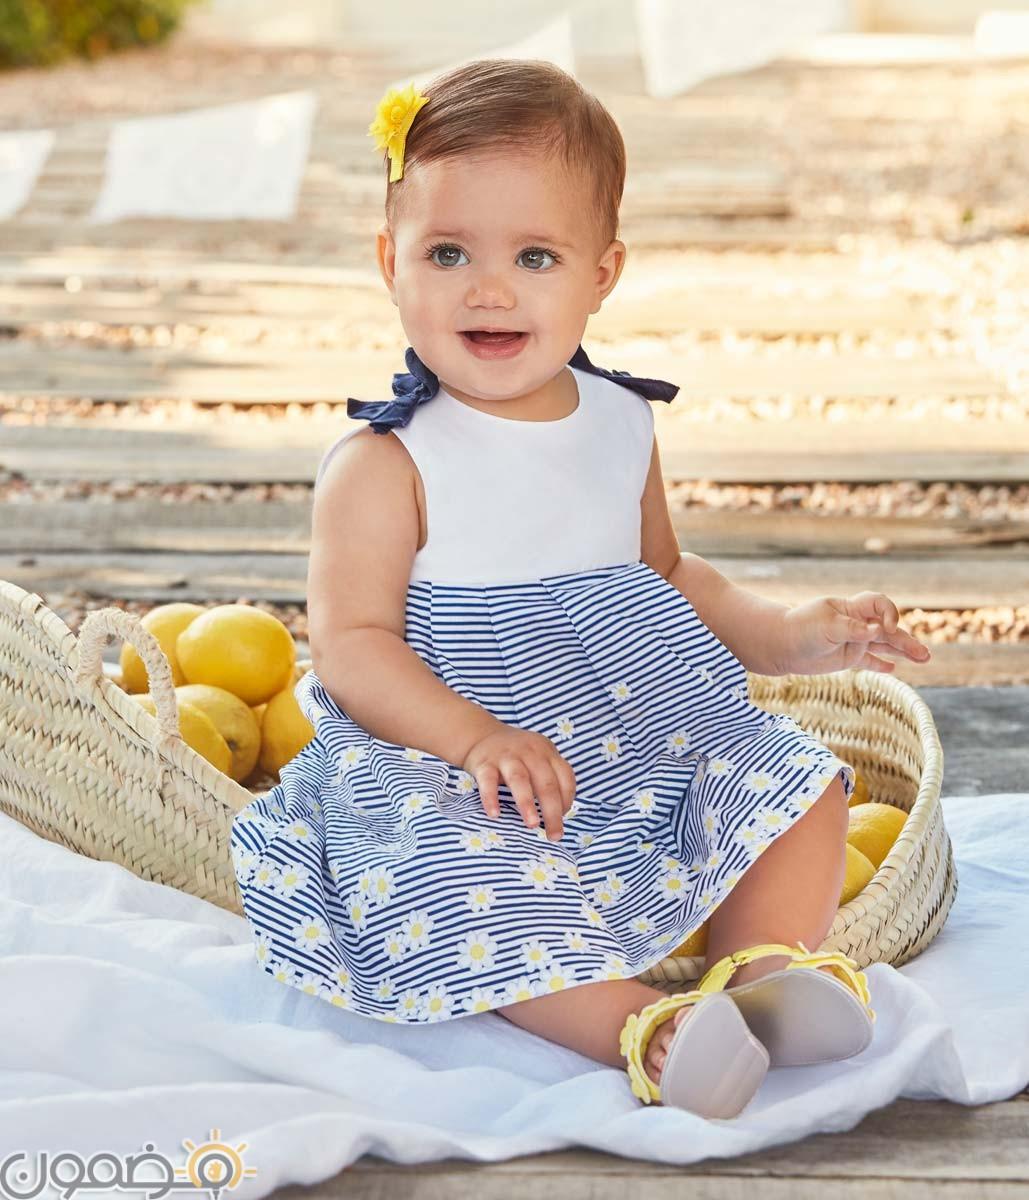 ملابس بنات صغار للصيف 10 ملابس بنات صغار للصيف